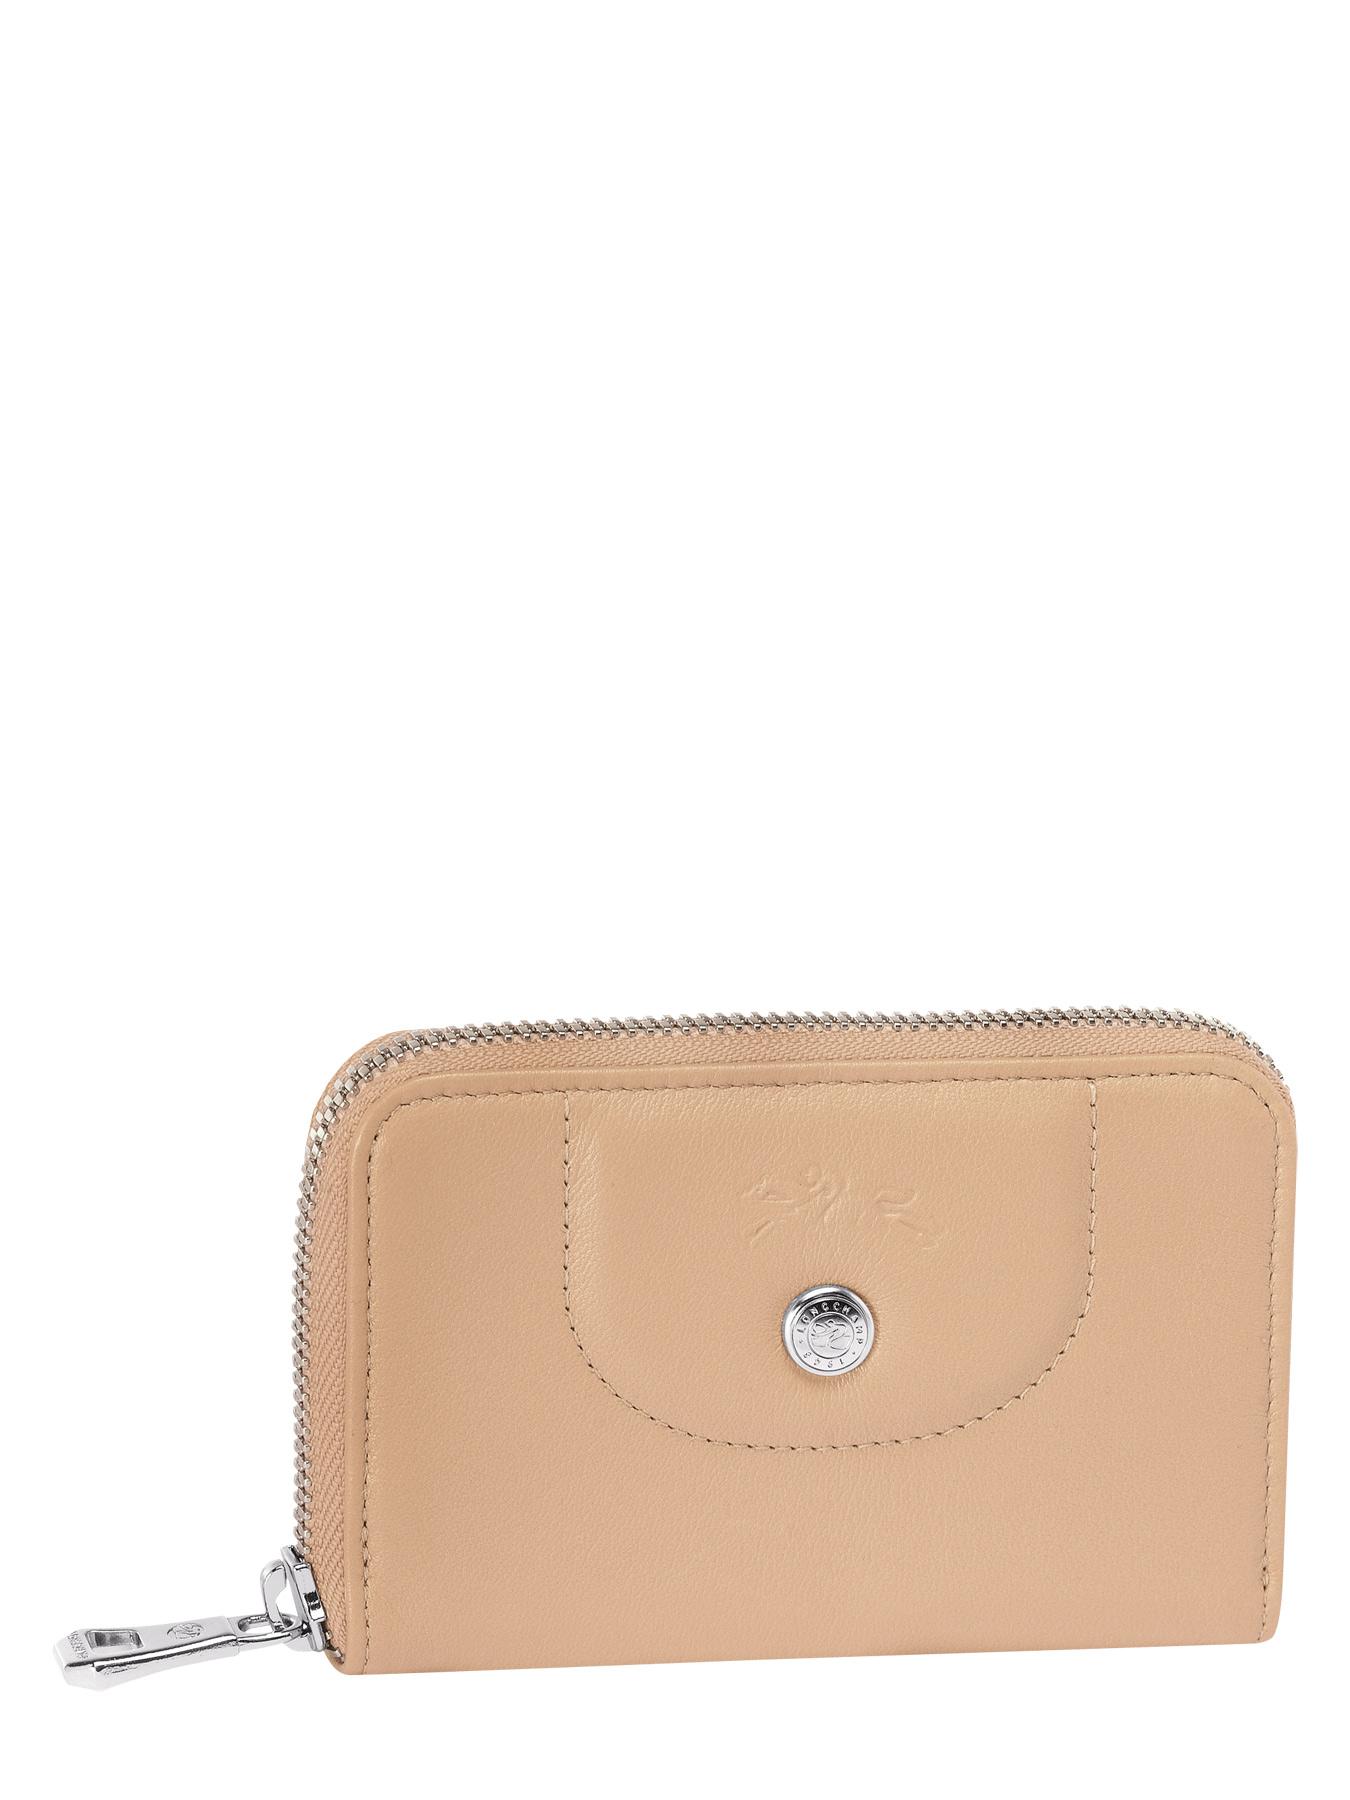 Porte monnaie longchamp le pliage cuir beige dor en vente au meilleur prix - Porte monnaie femme longchamp ...